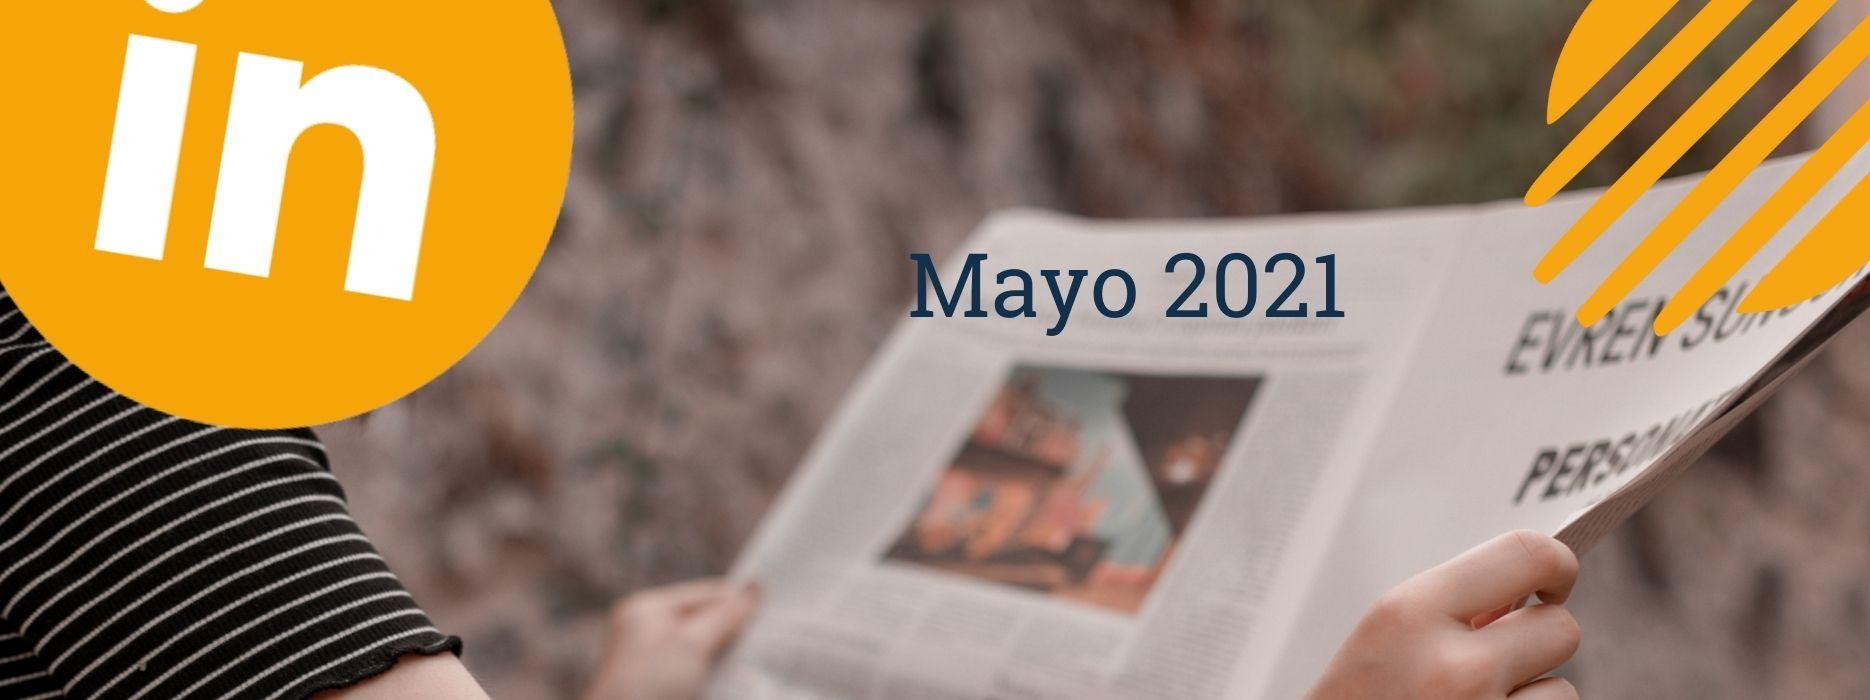 Últimas noticias Mayo 2021